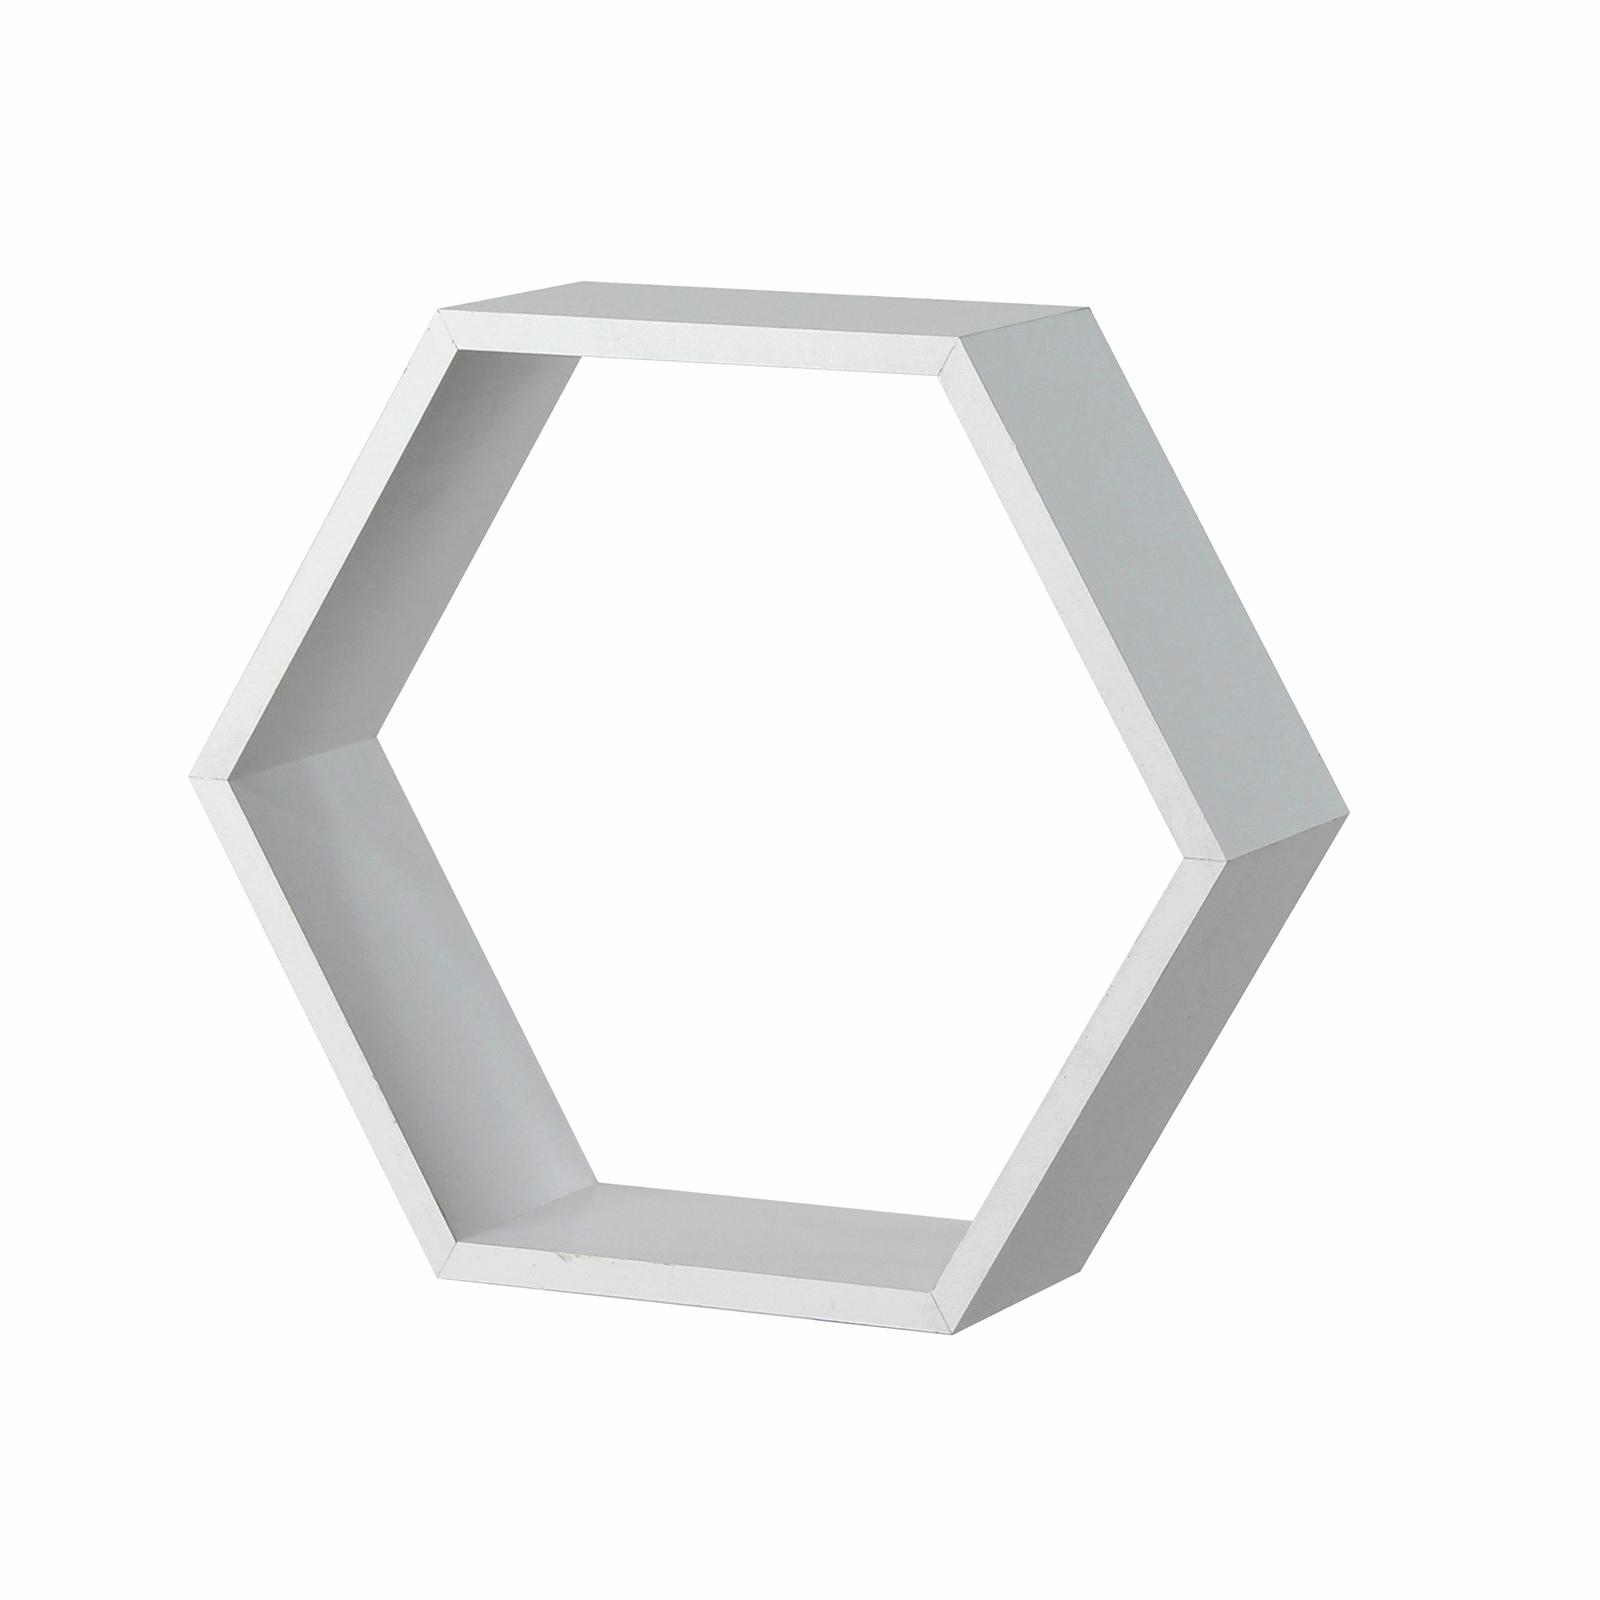 Flexi Storage White Matt Hexagonal Shelf